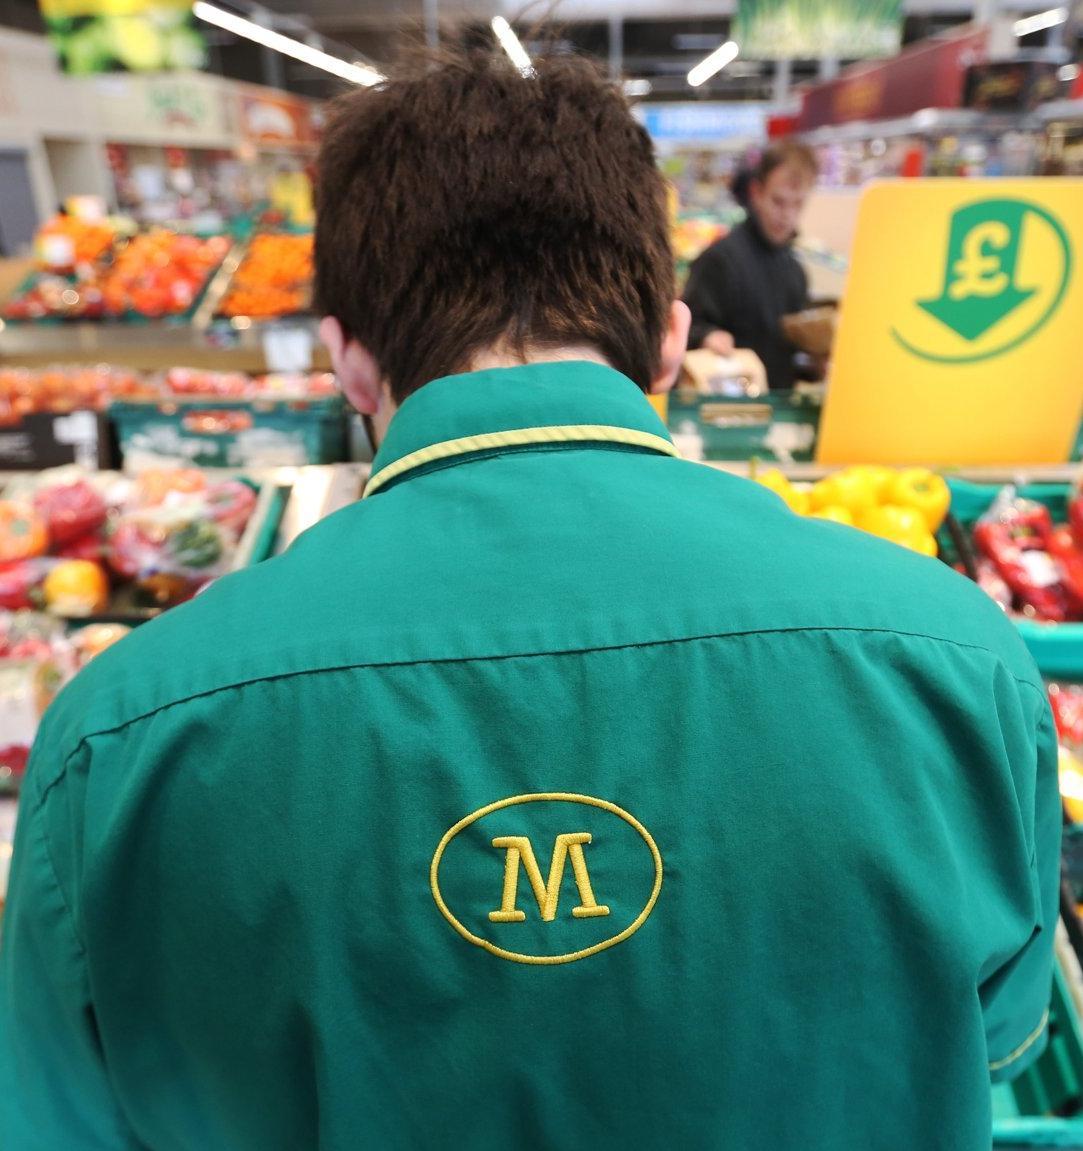 Британский супермаркет будет продавать овощи и фрукты без пластиковой упаковки